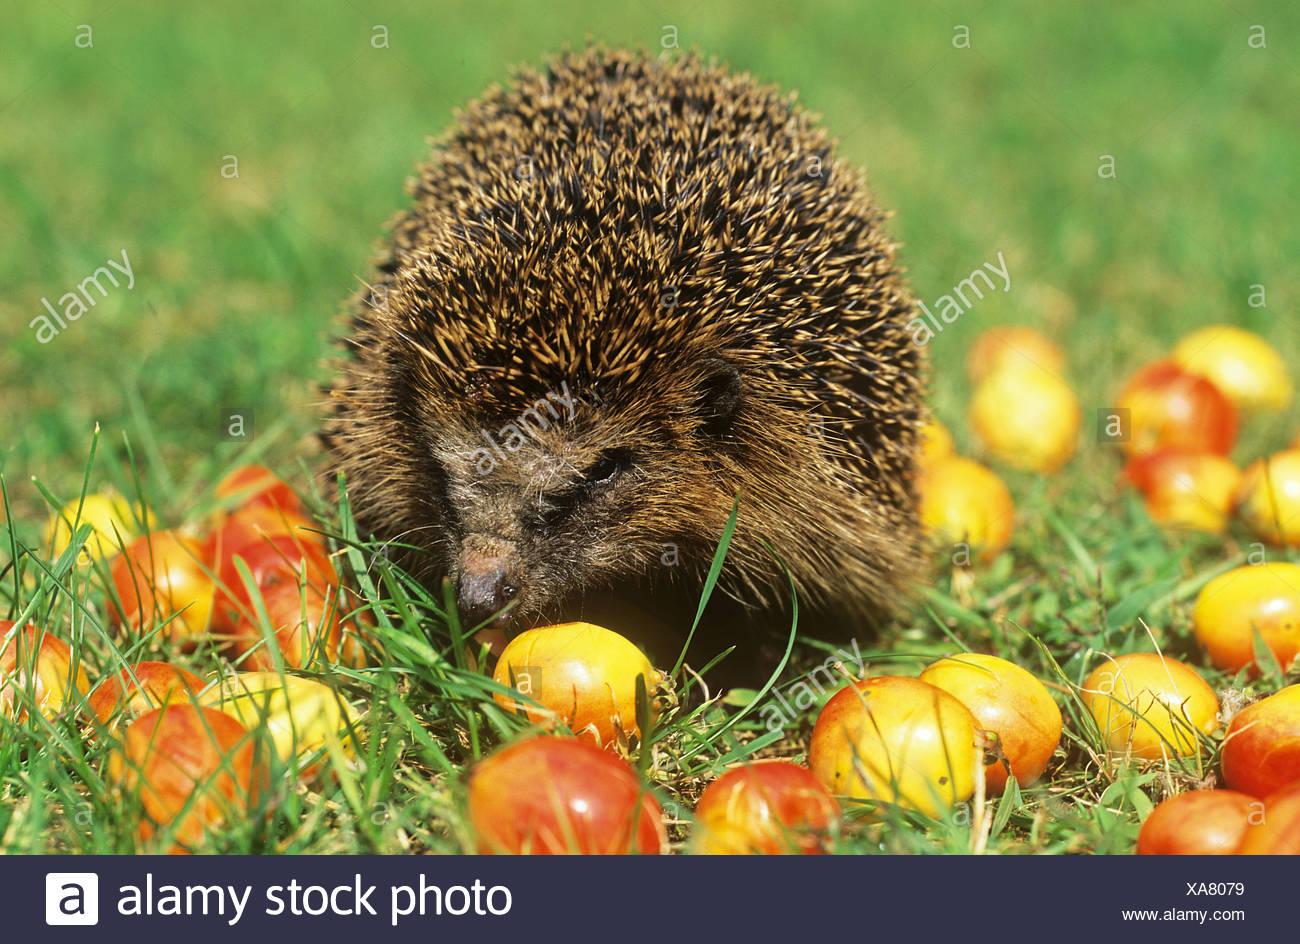 West European hedgehog  in between apples / Erinaceus europaeus - Stock Image